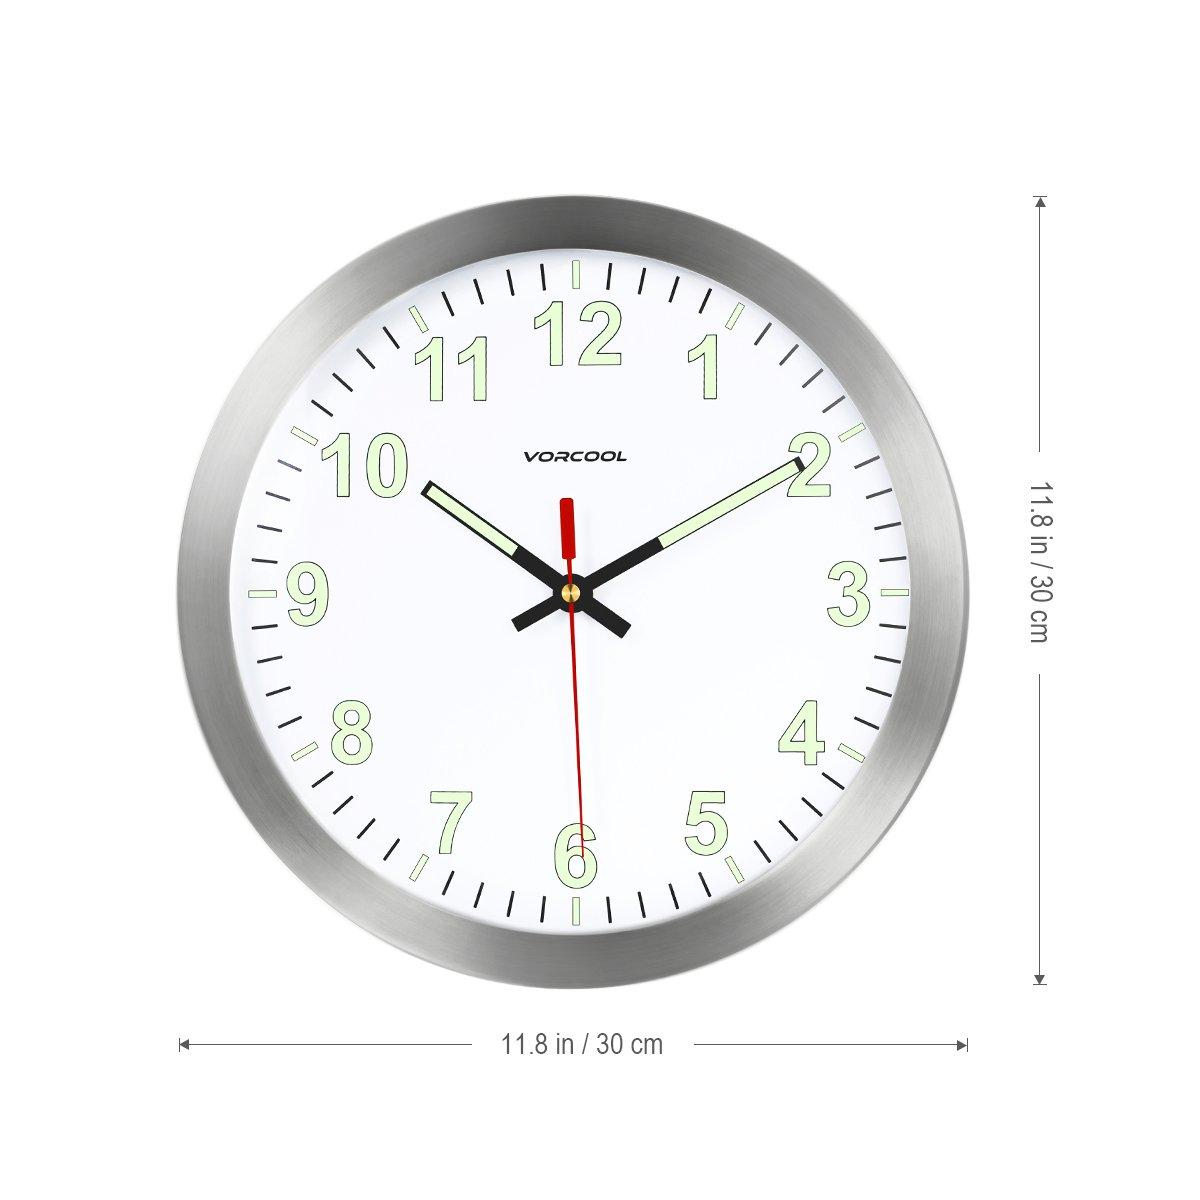 VORCOOL Relojes de Pared Luminoso Silencioso Cuarzo Redondo Hogar Cocina Decoraciones 12 pulgadas (Plata): Amazon.es: Hogar